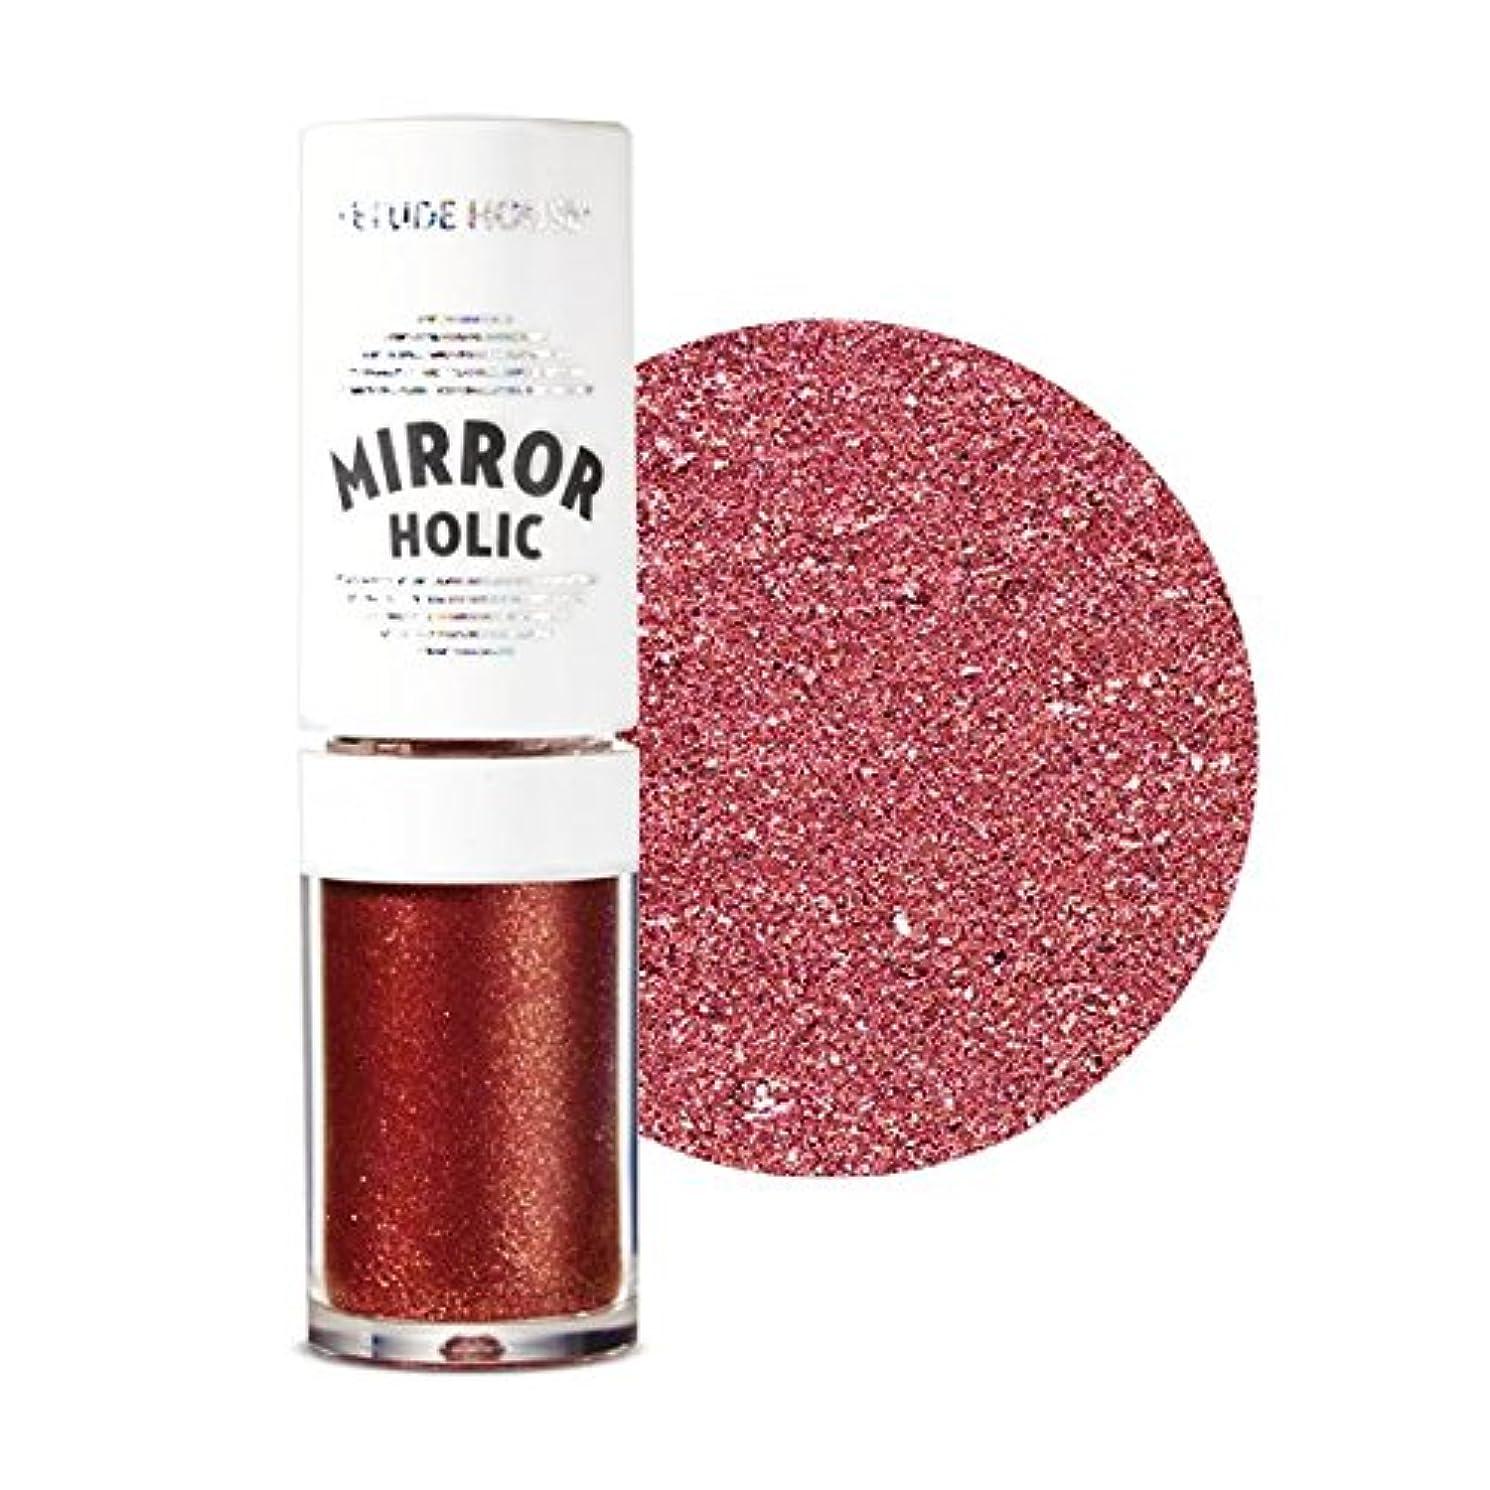 後者麺パースETUDE HOUSE Mirror Holic Liquid Eyes / エチュードハウス ミラーホリックリキッドアイズ ミラーホリックリキッドアイズ (RD301) [並行輸入品]